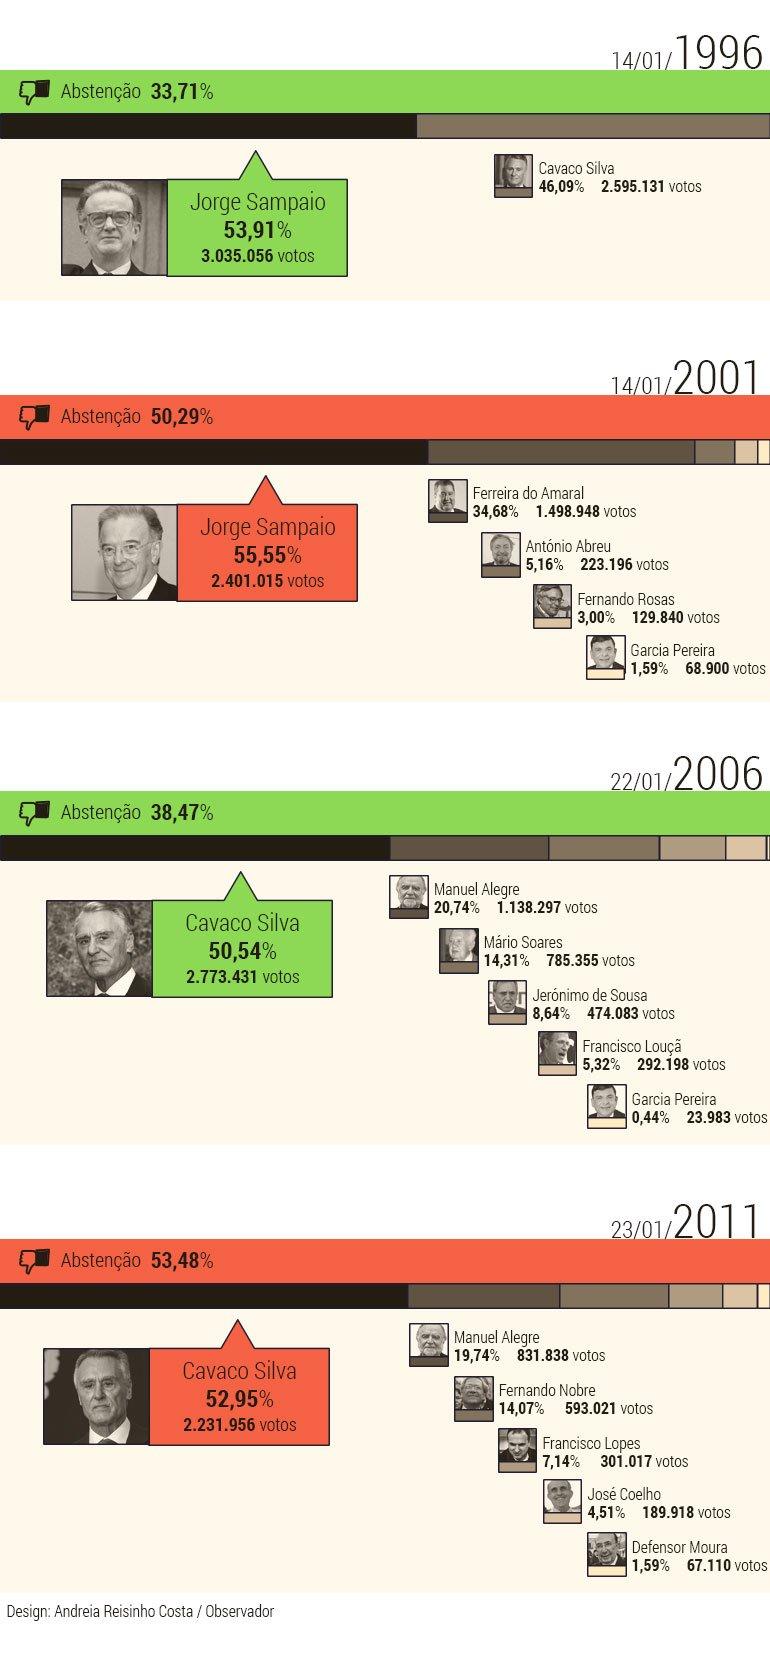 Timeline-Presidenciais_B2